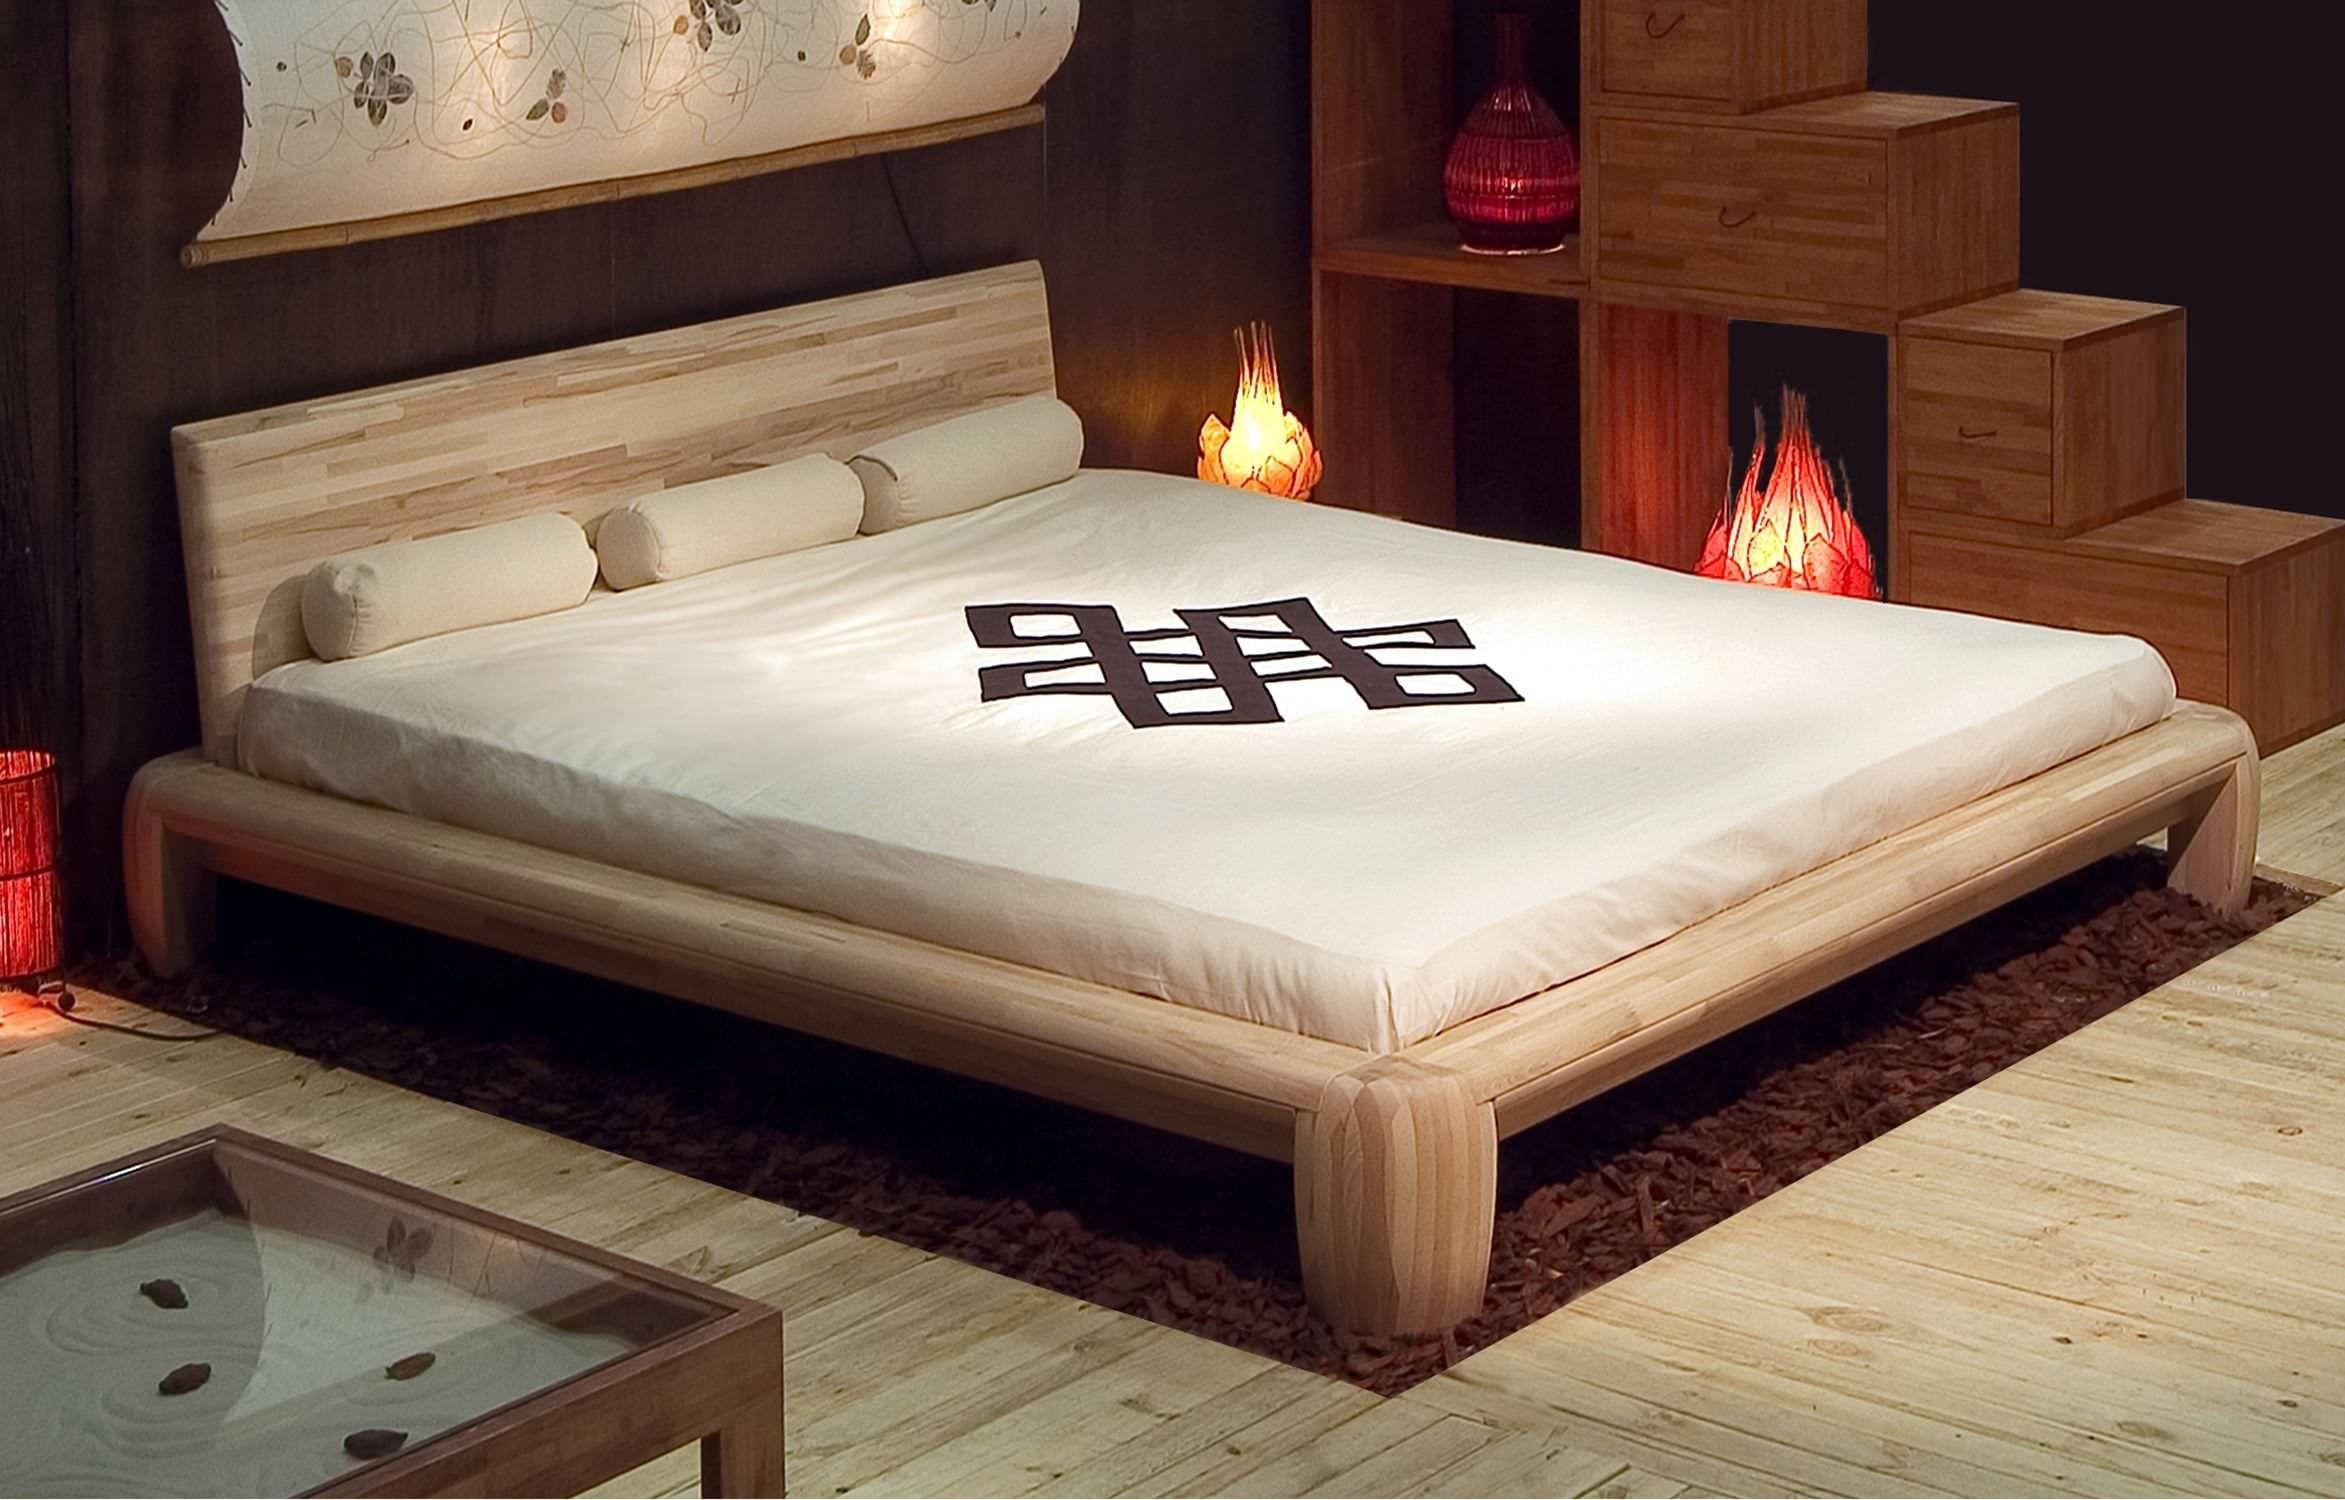 Letto matrimoniale moderno in legno massiccio in - Altezza letto matrimoniale moderno ...